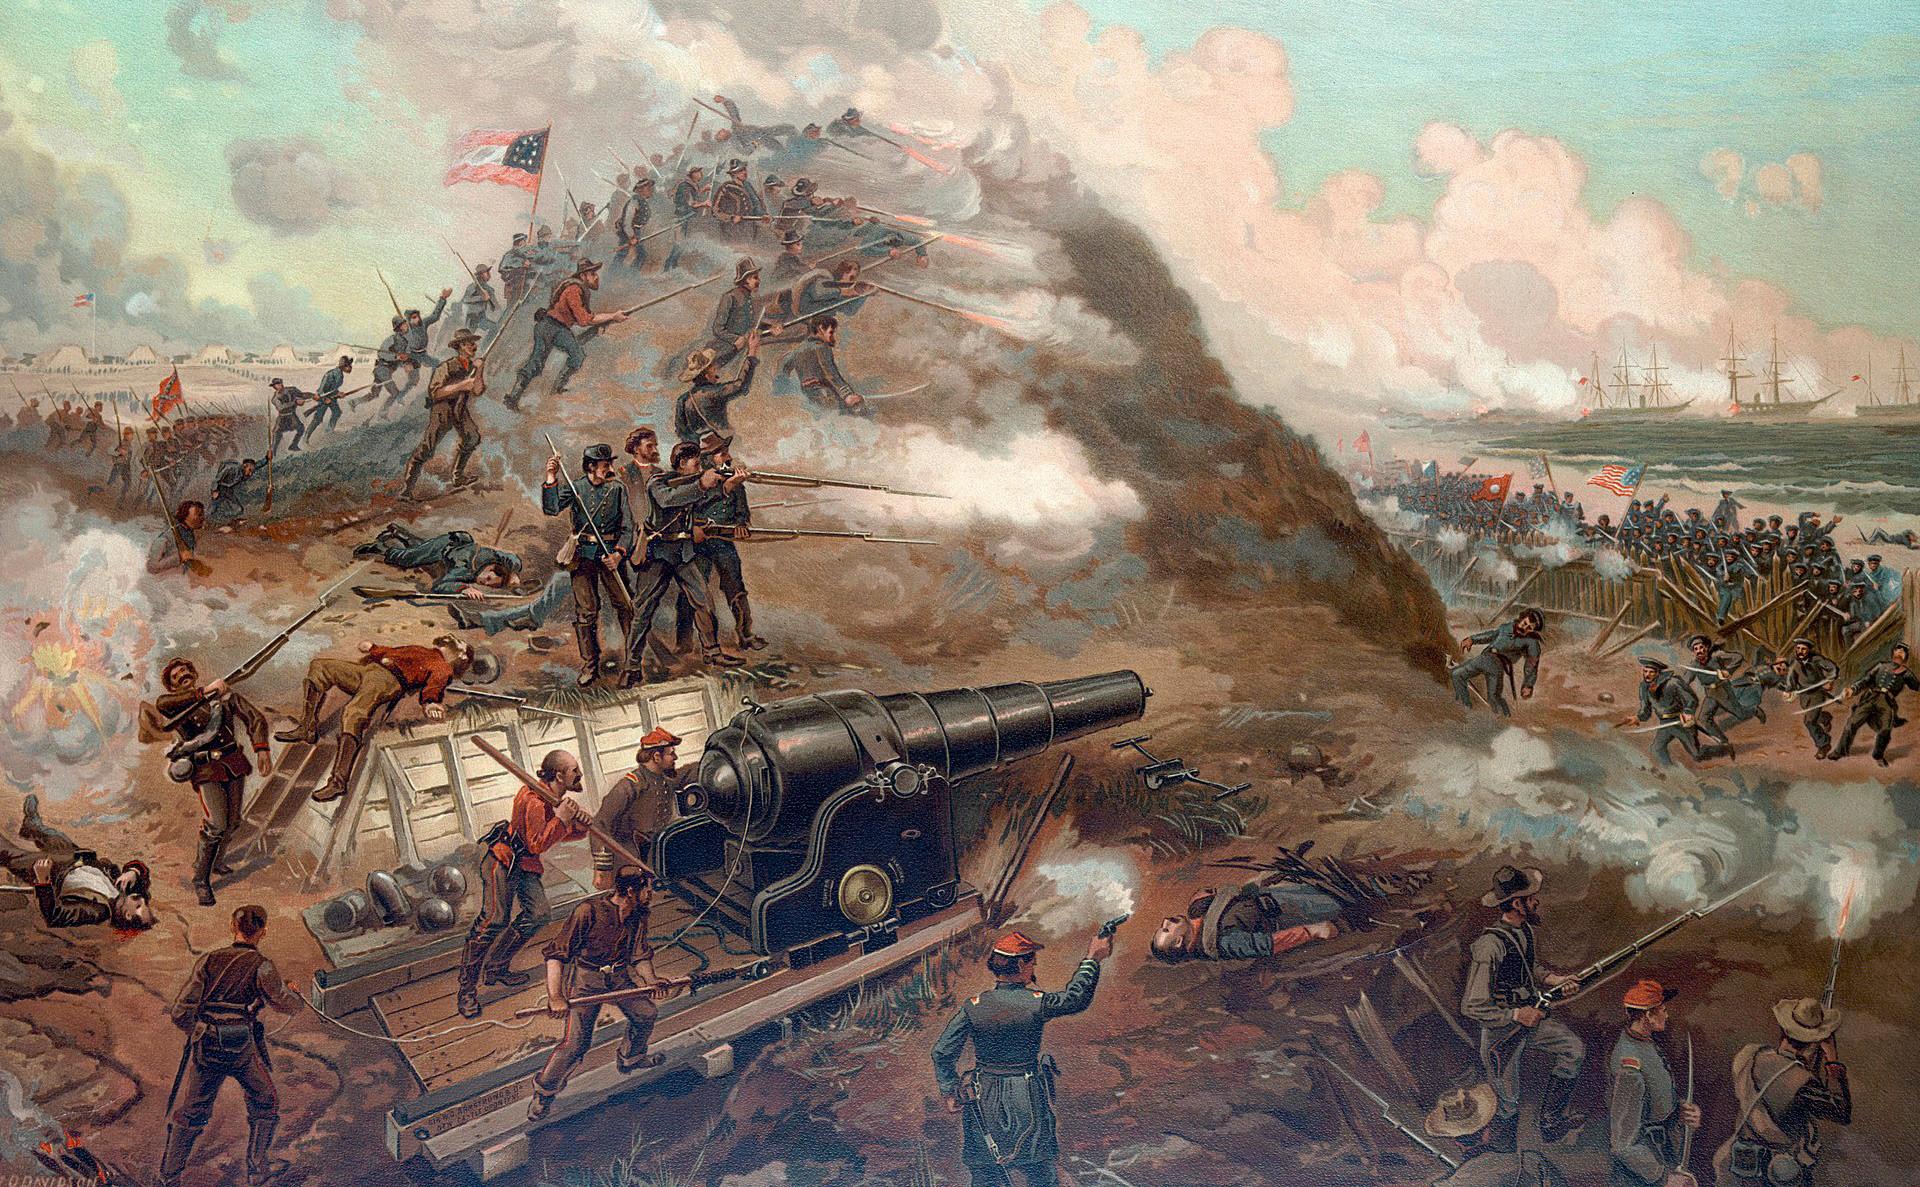 Ilustracija: Američki građanski rat.